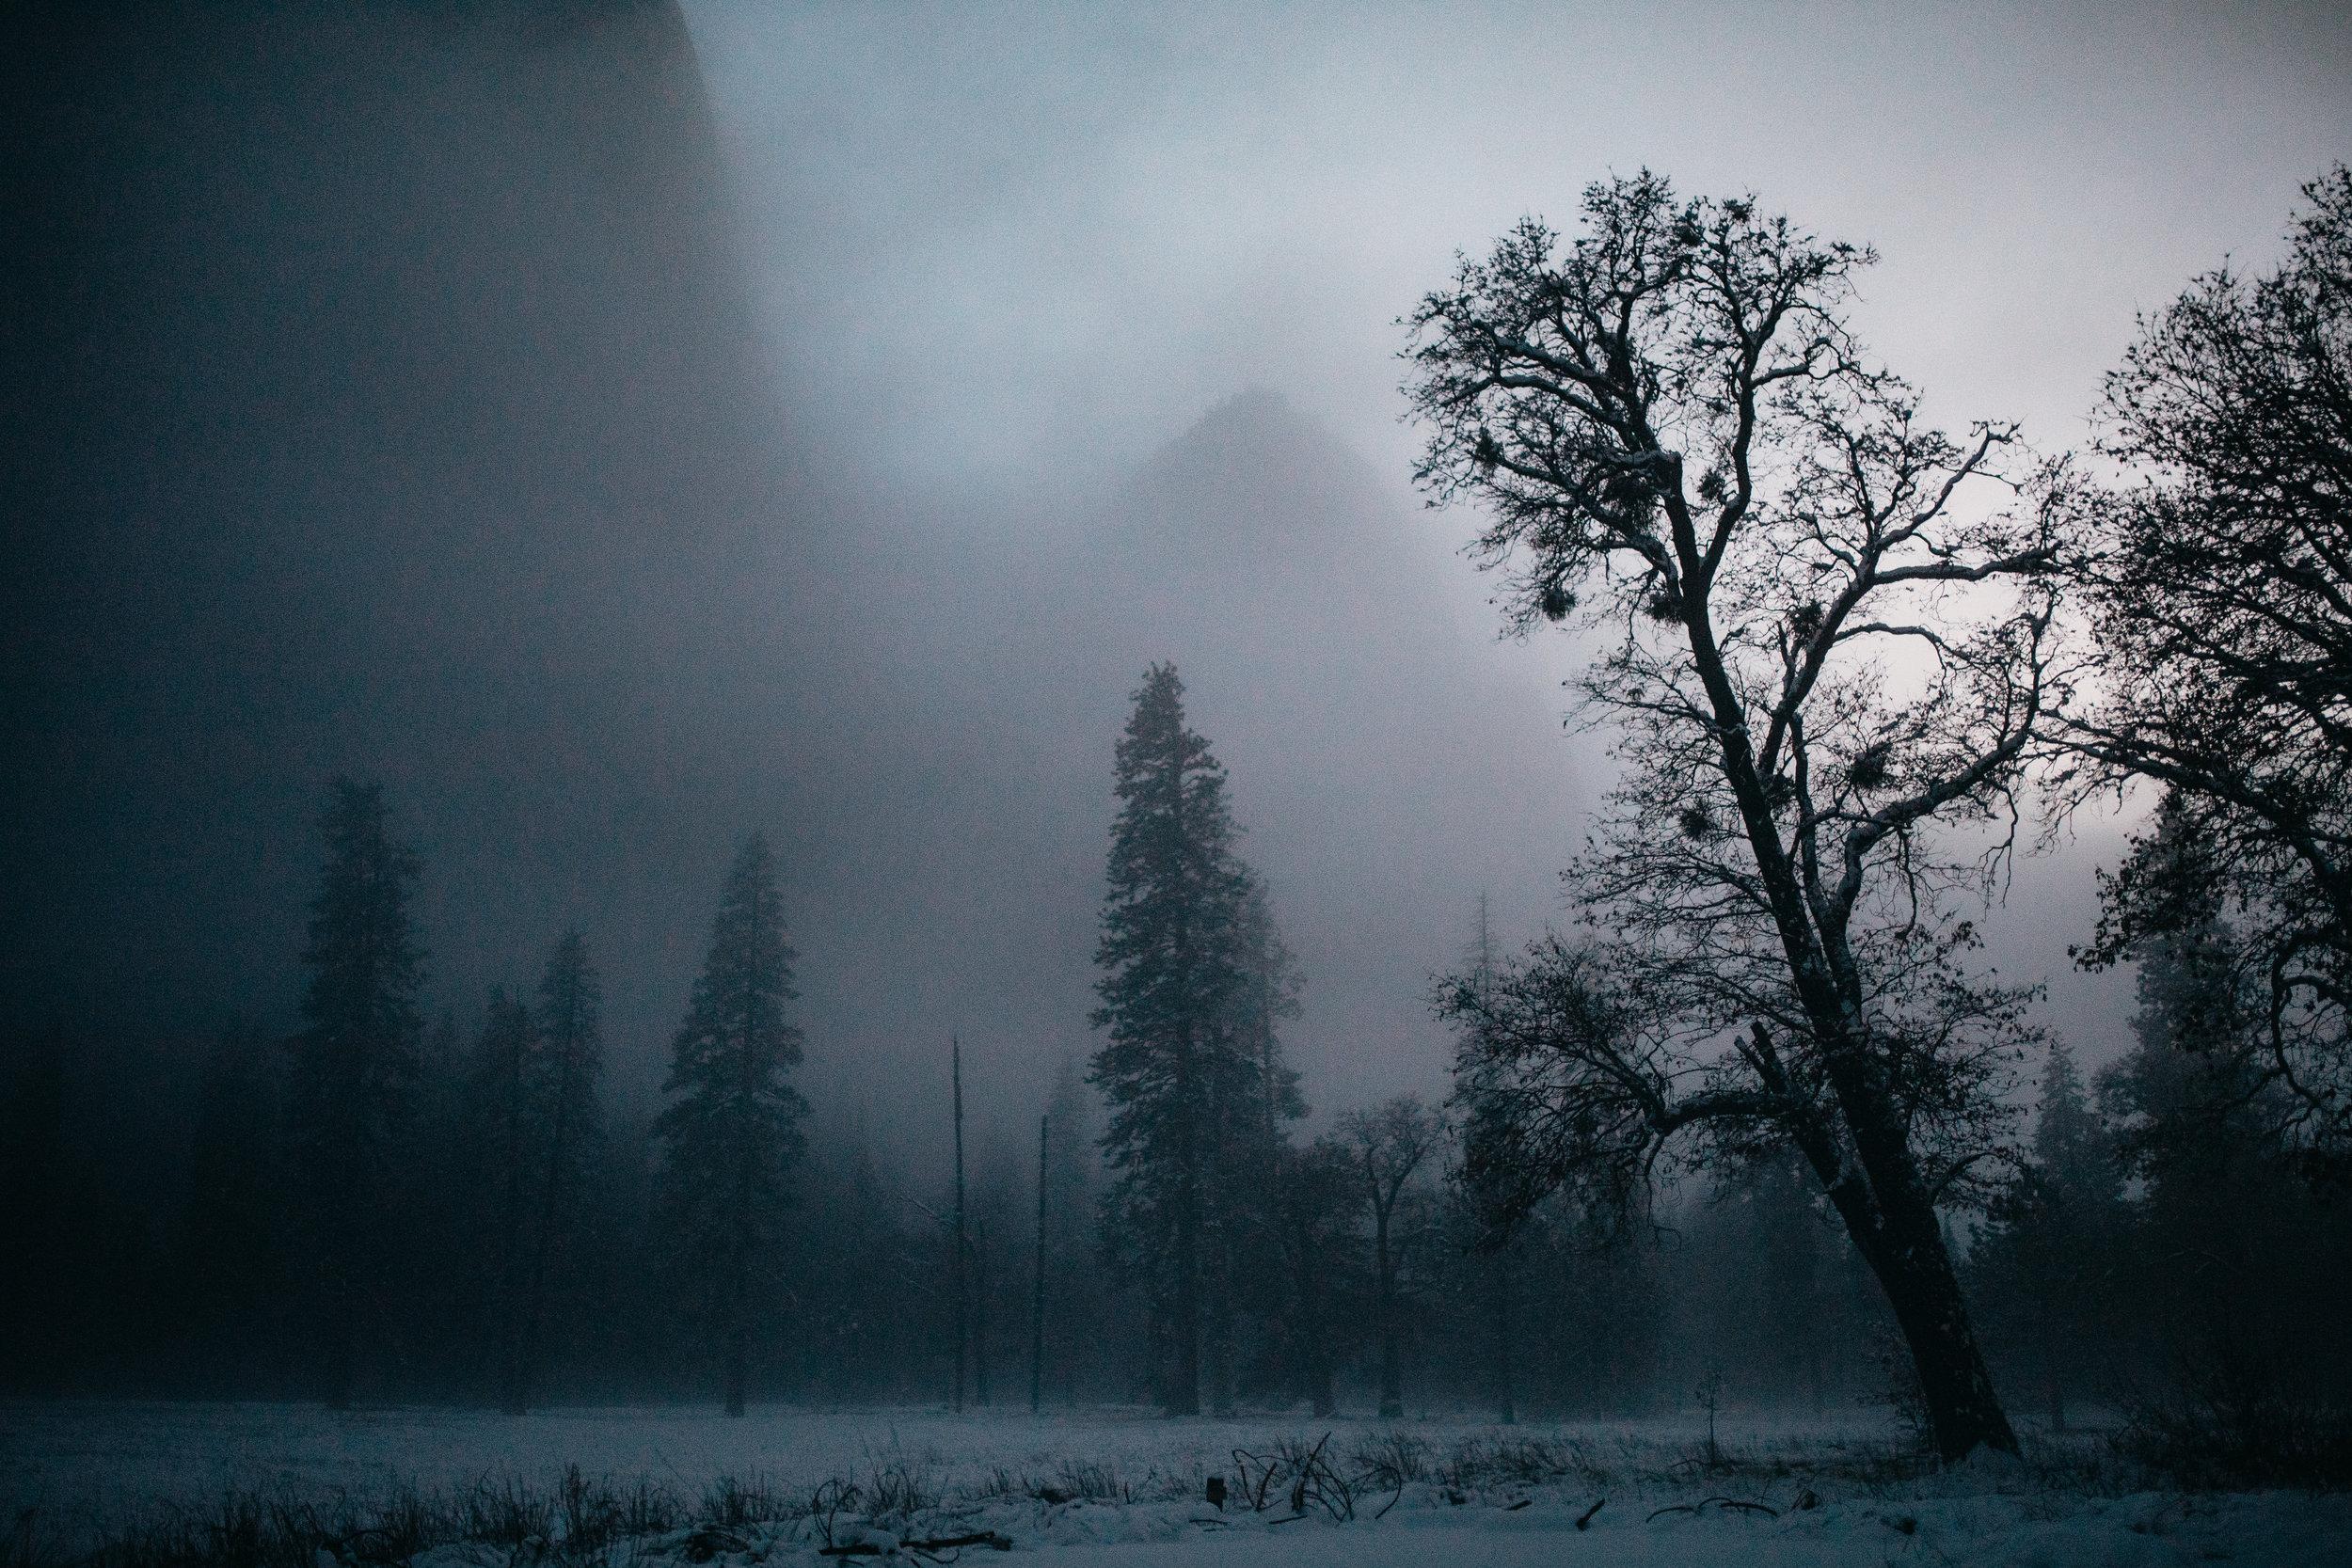 3. Foggy El Capitan